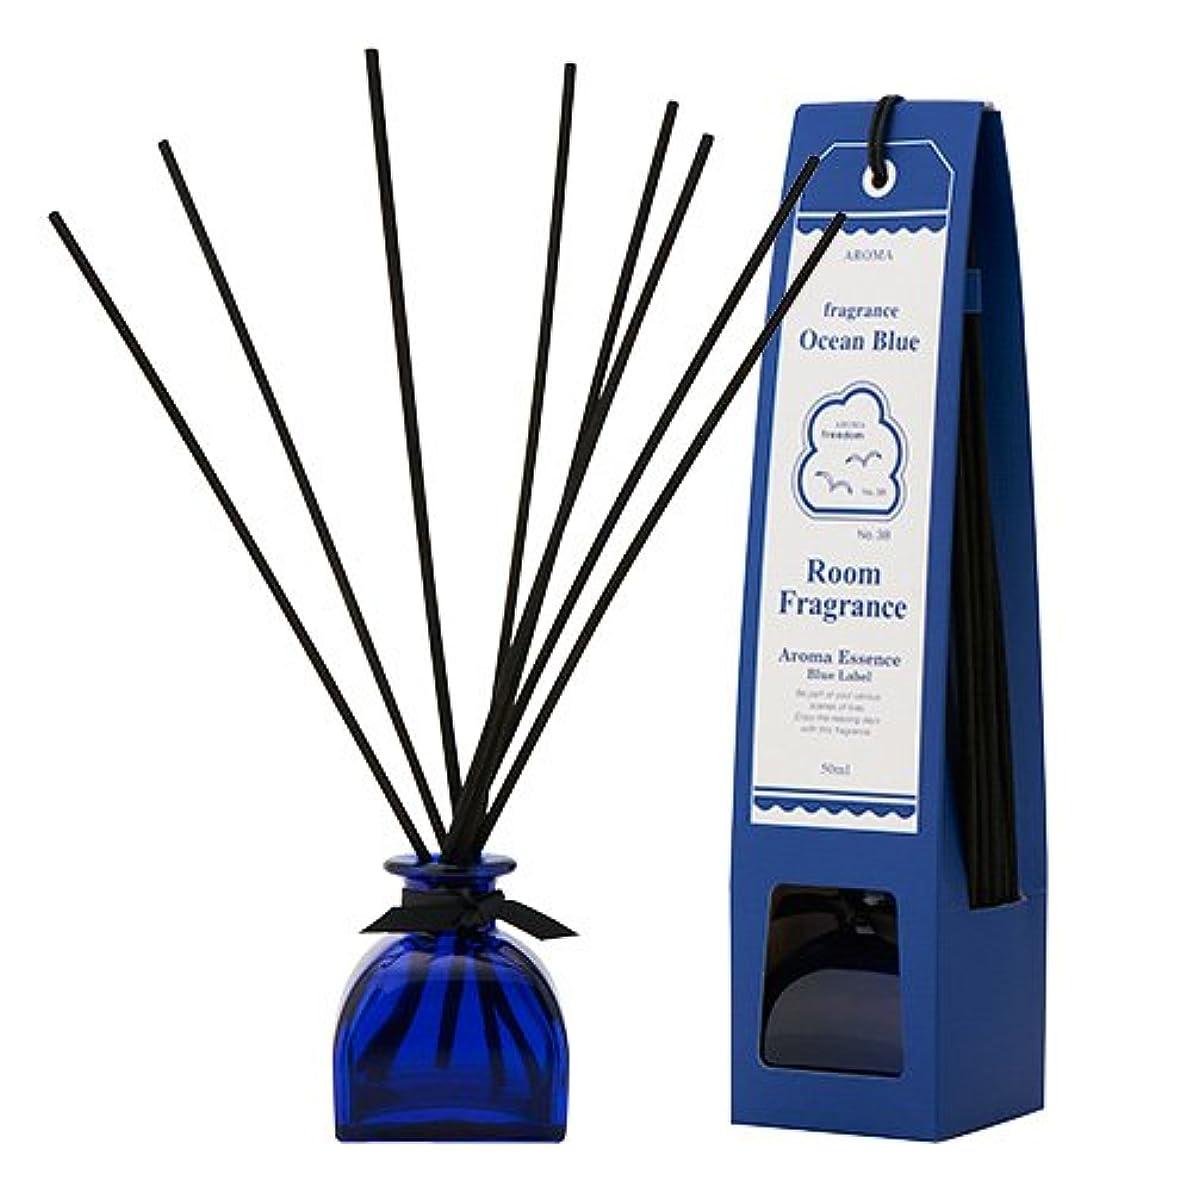 勉強する文法魅惑するブルーラベル ルームフレグランス オーシャンブルー 50ml(芳香剤 リードディフューザー 海の爽快さを思い出させる香り)